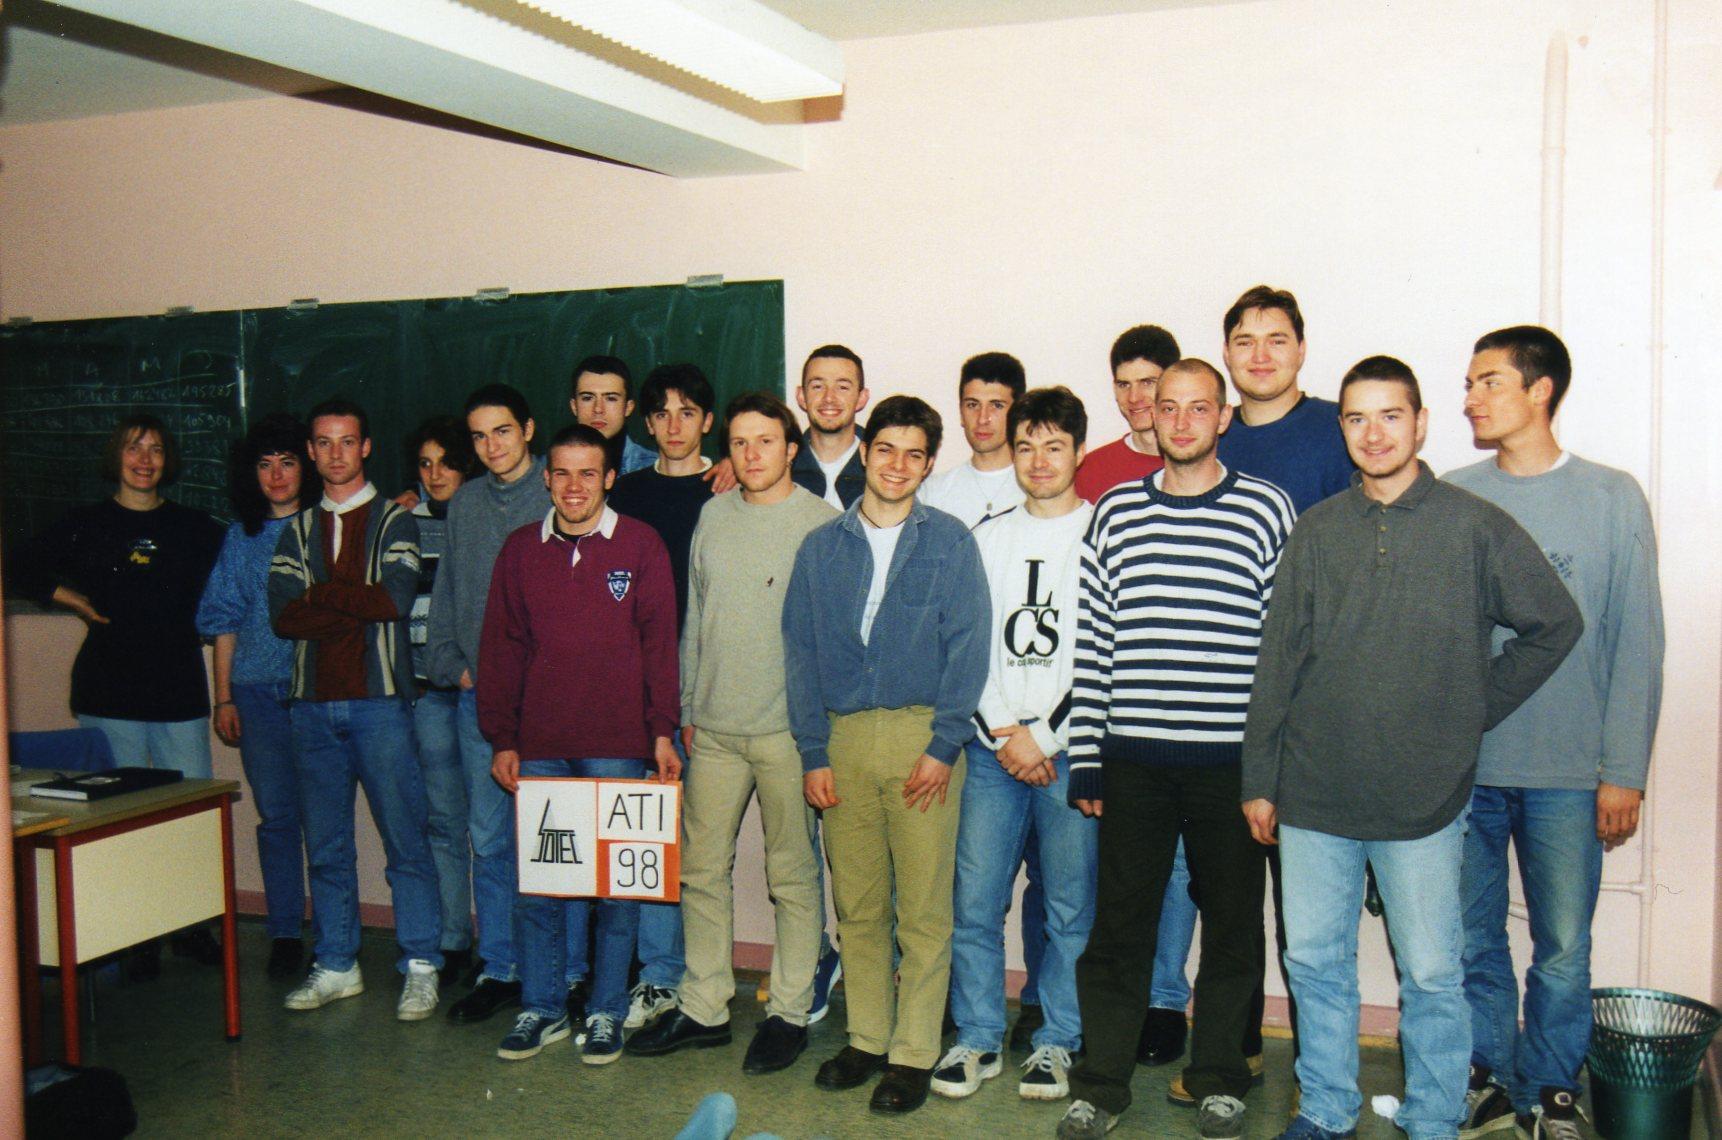 ATI_1998.jpg